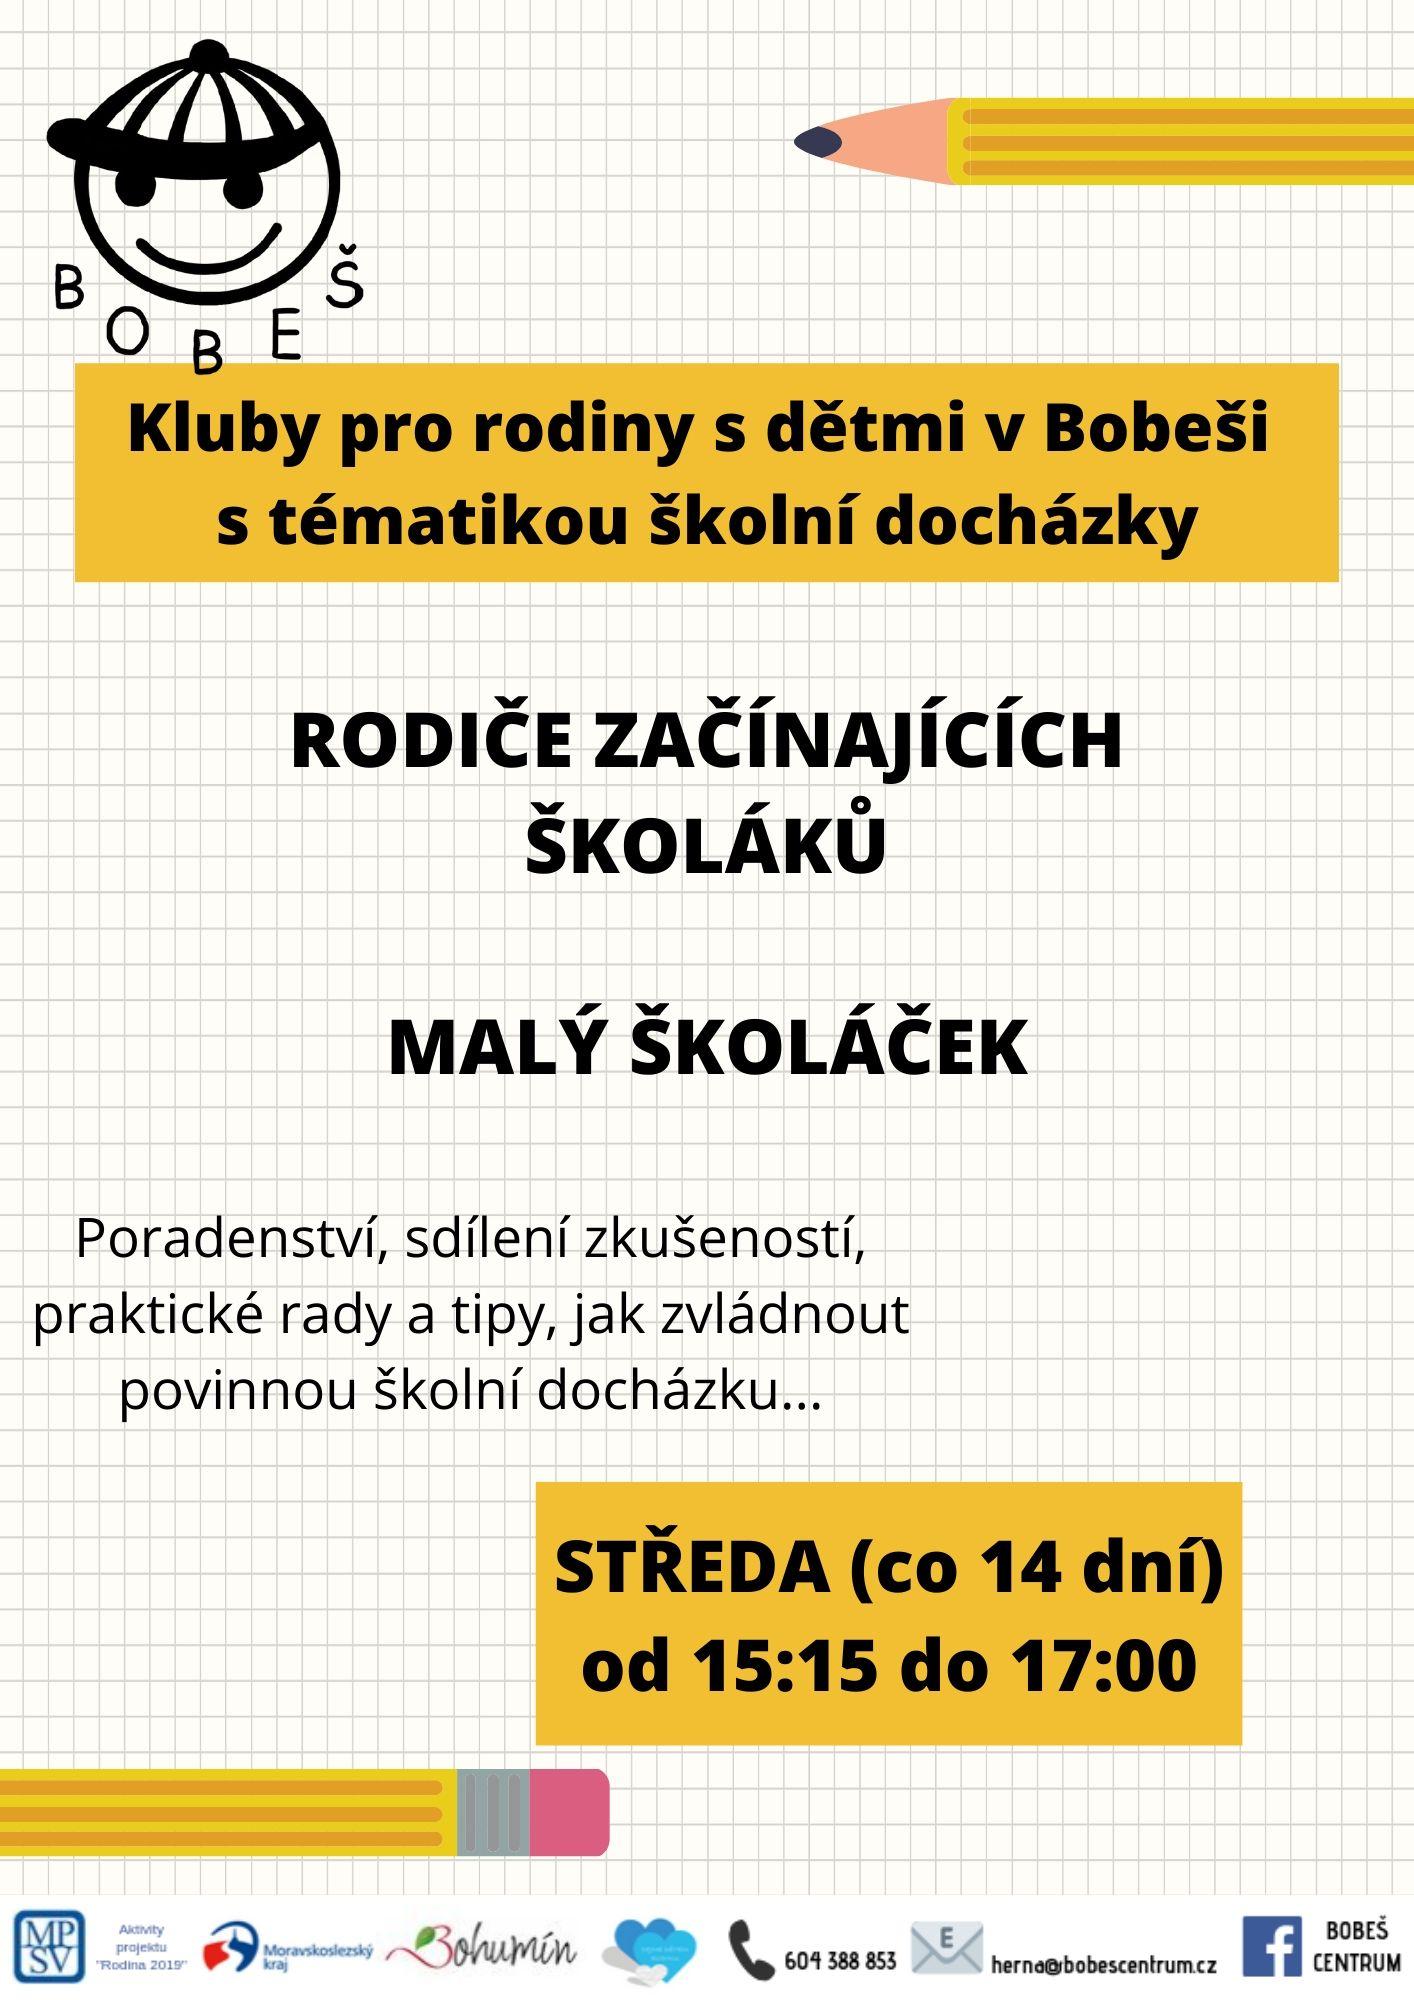 Kluby pro rodiny s dětmi v Bobeši s tématikou školní docházky